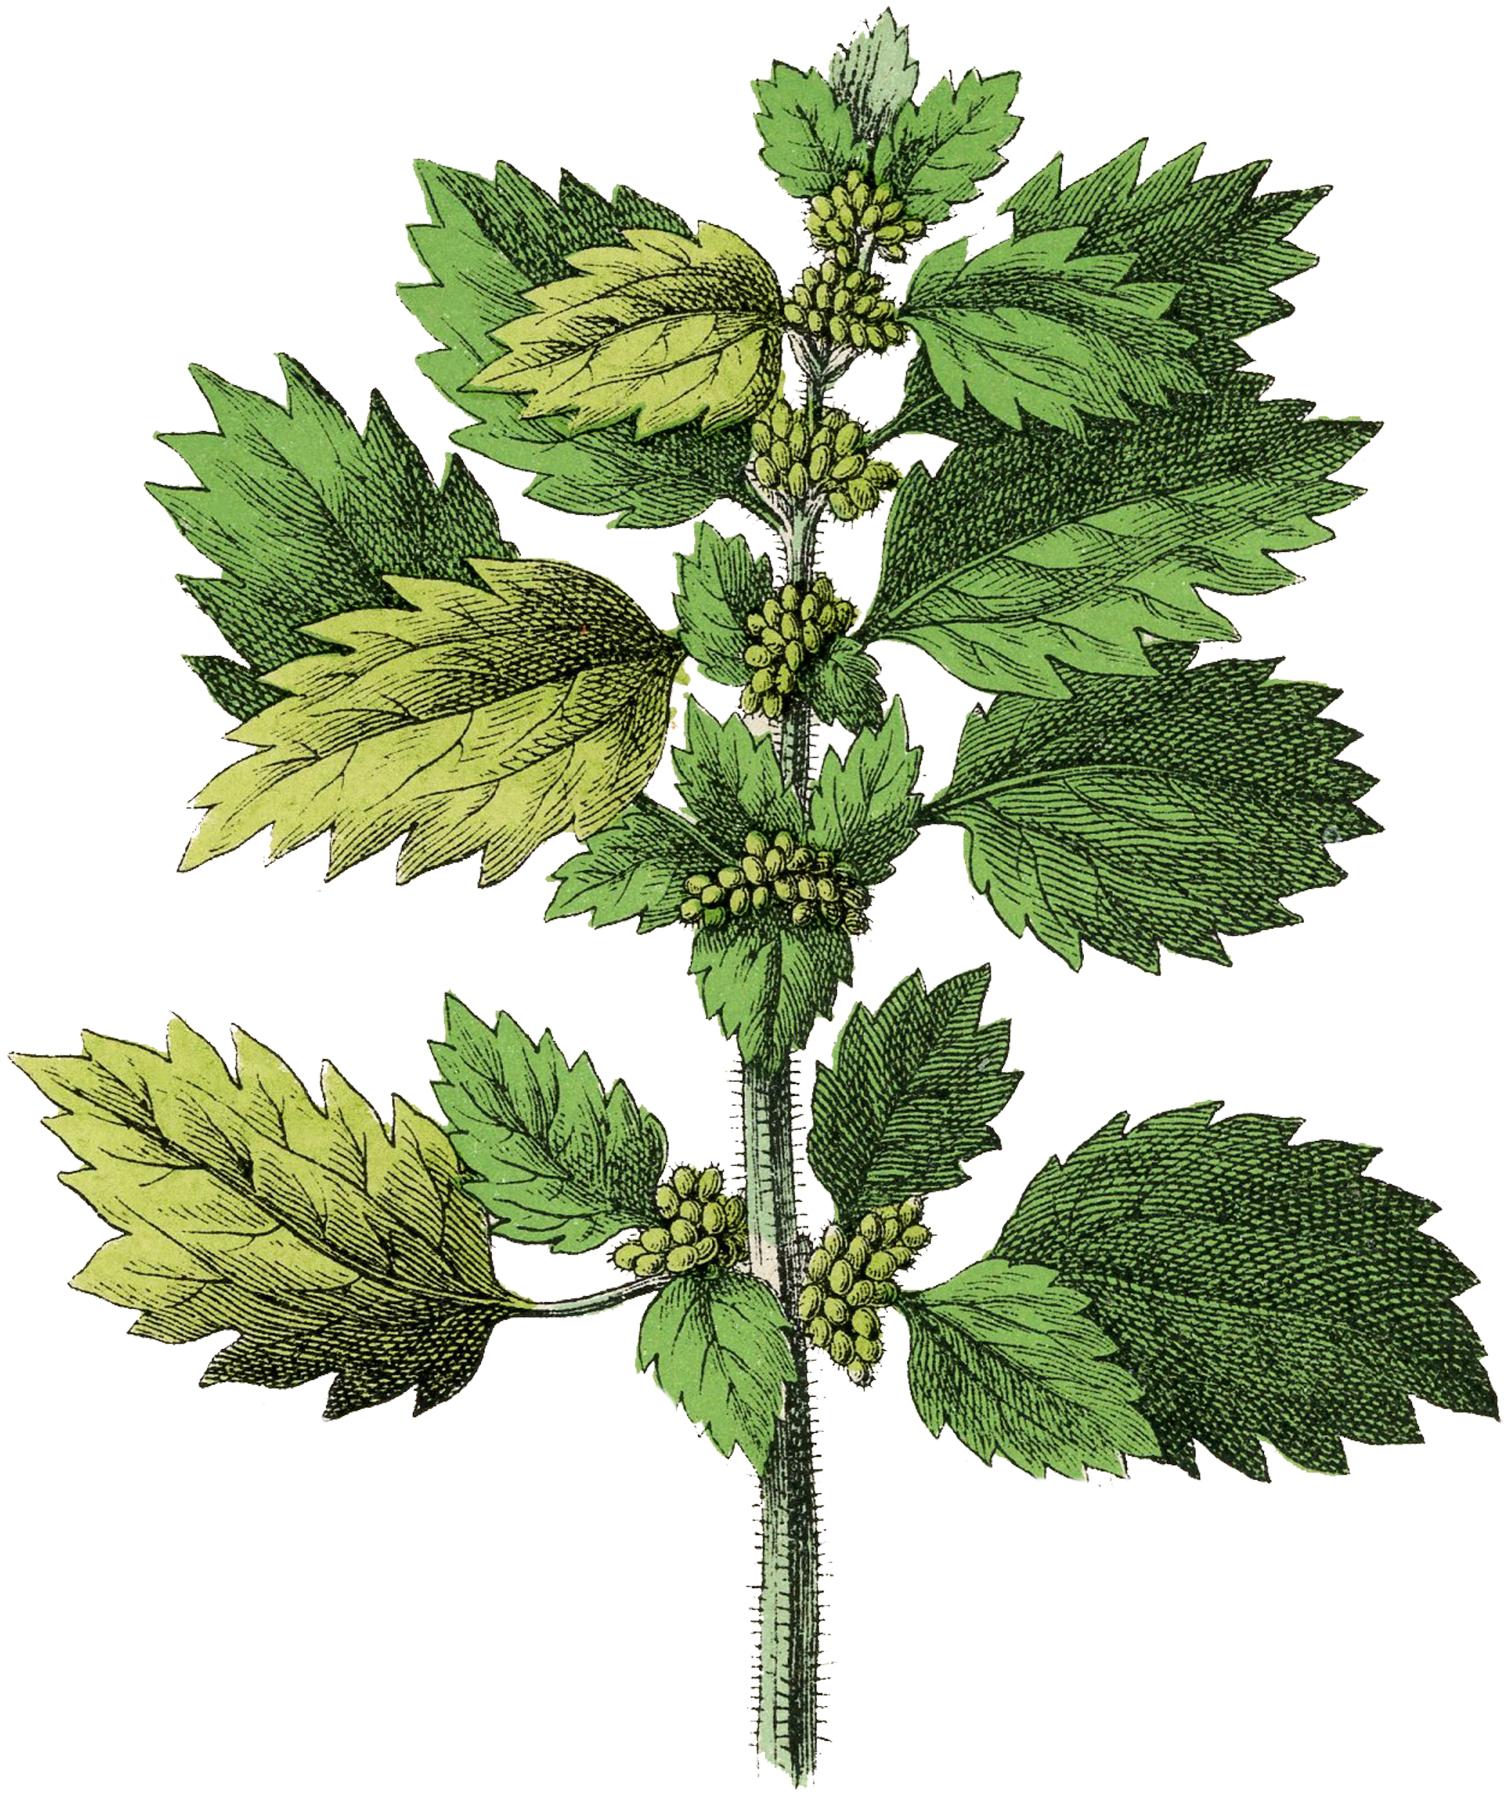 Botanical Nettle Herb Image.